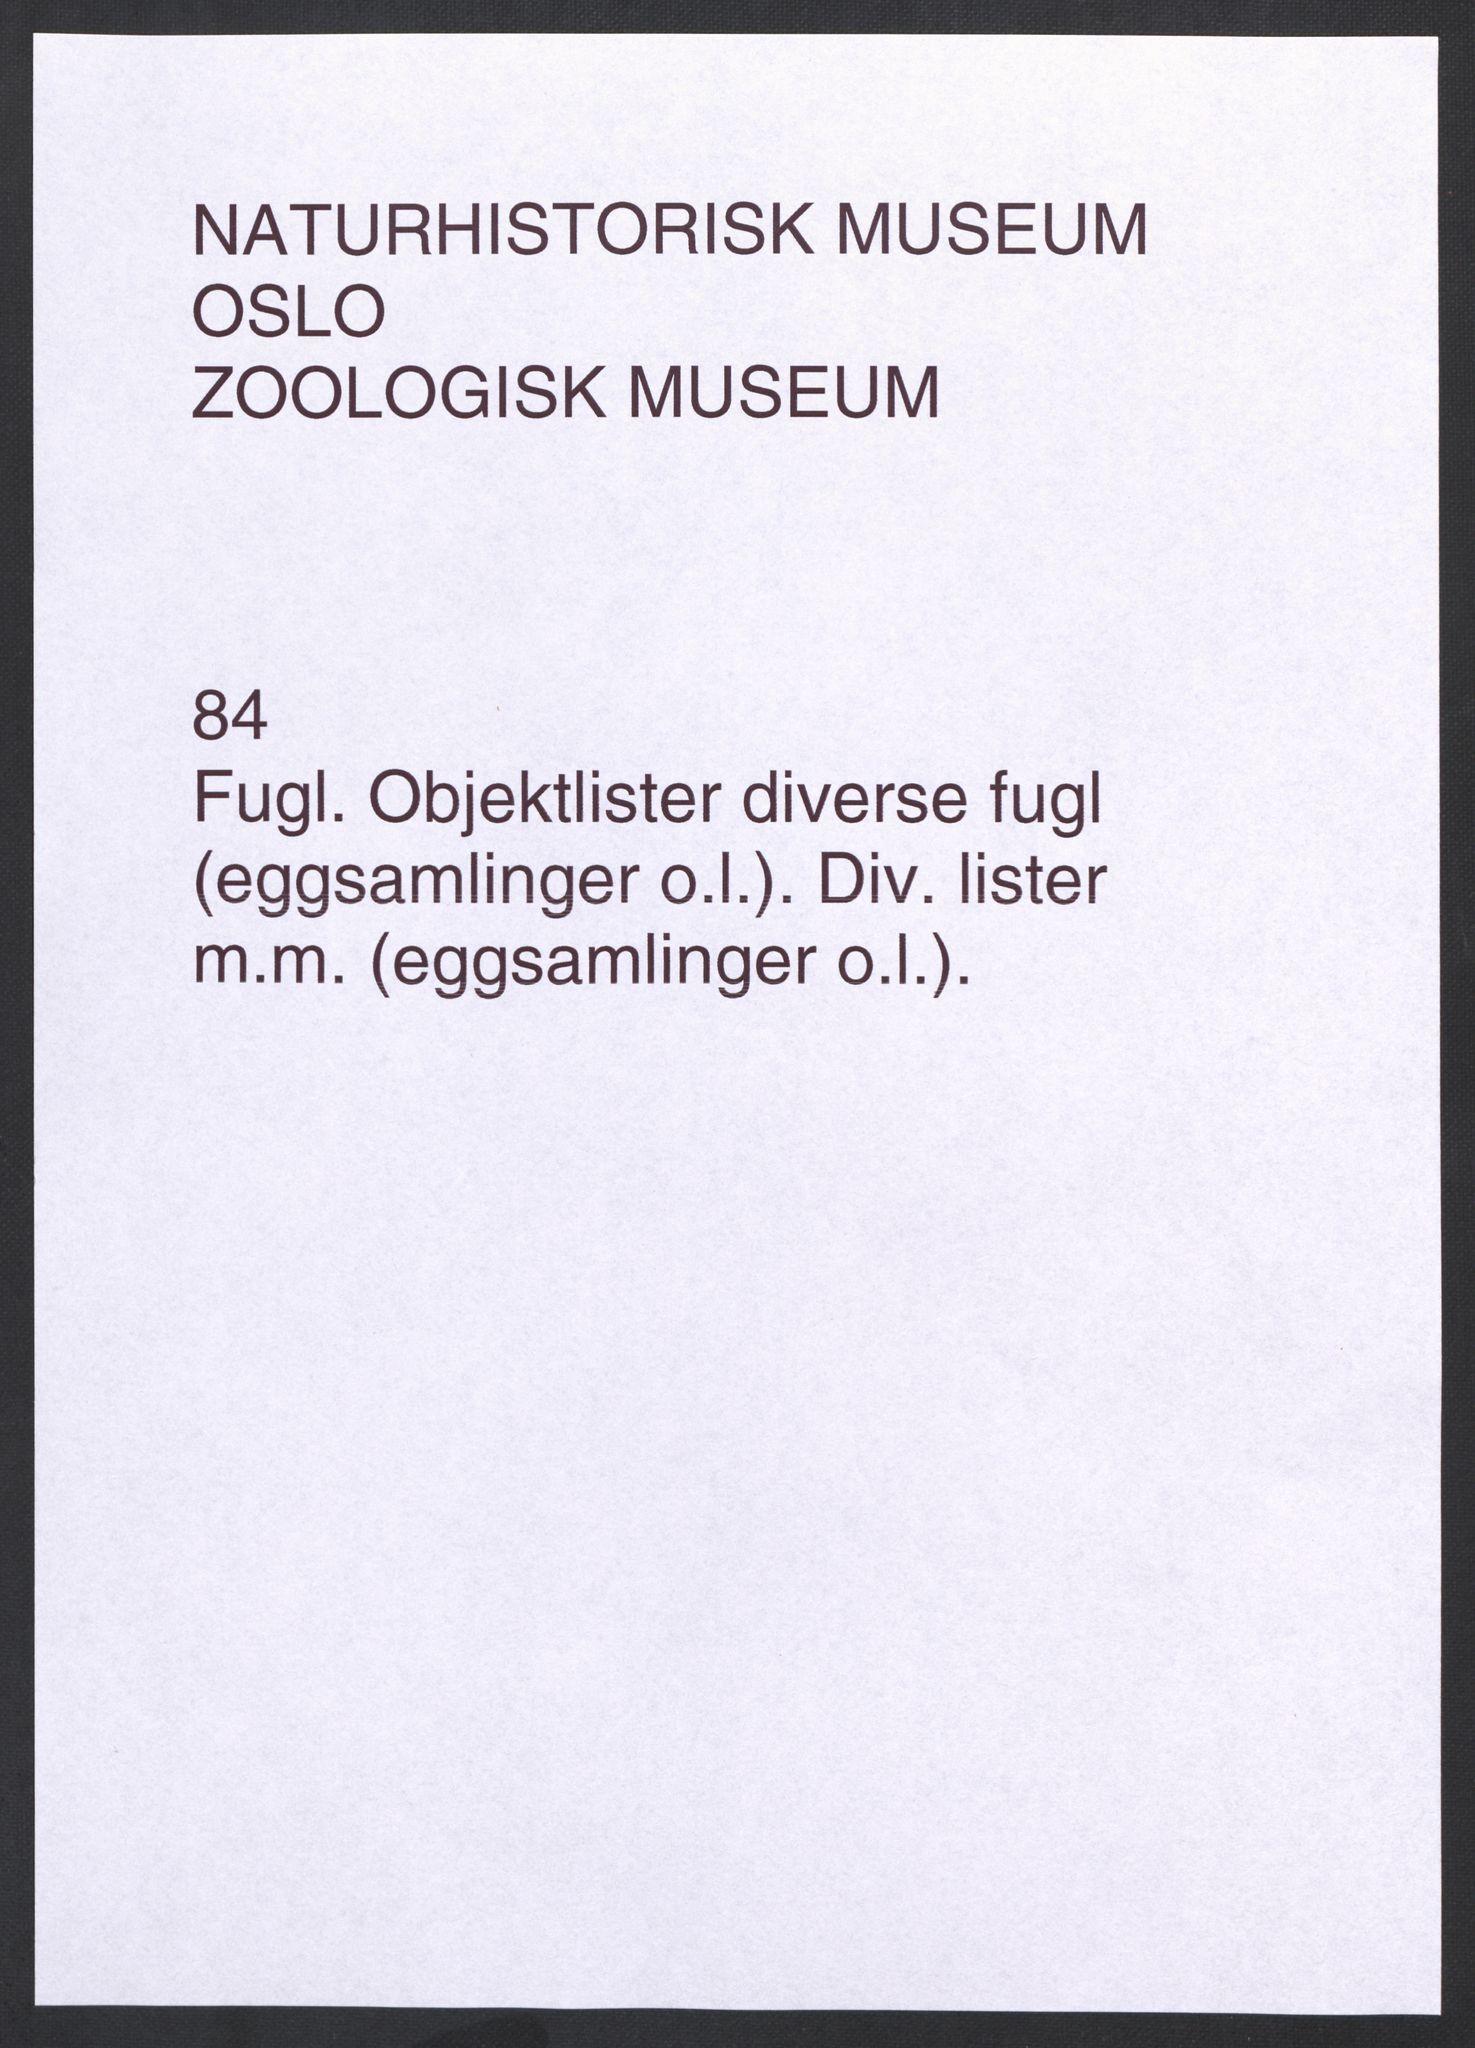 NHMO, Naturhistorisk museum (Oslo), 2: Fugl. Objektliste. Div. lister m.m. (eggsamlinger o.l.).